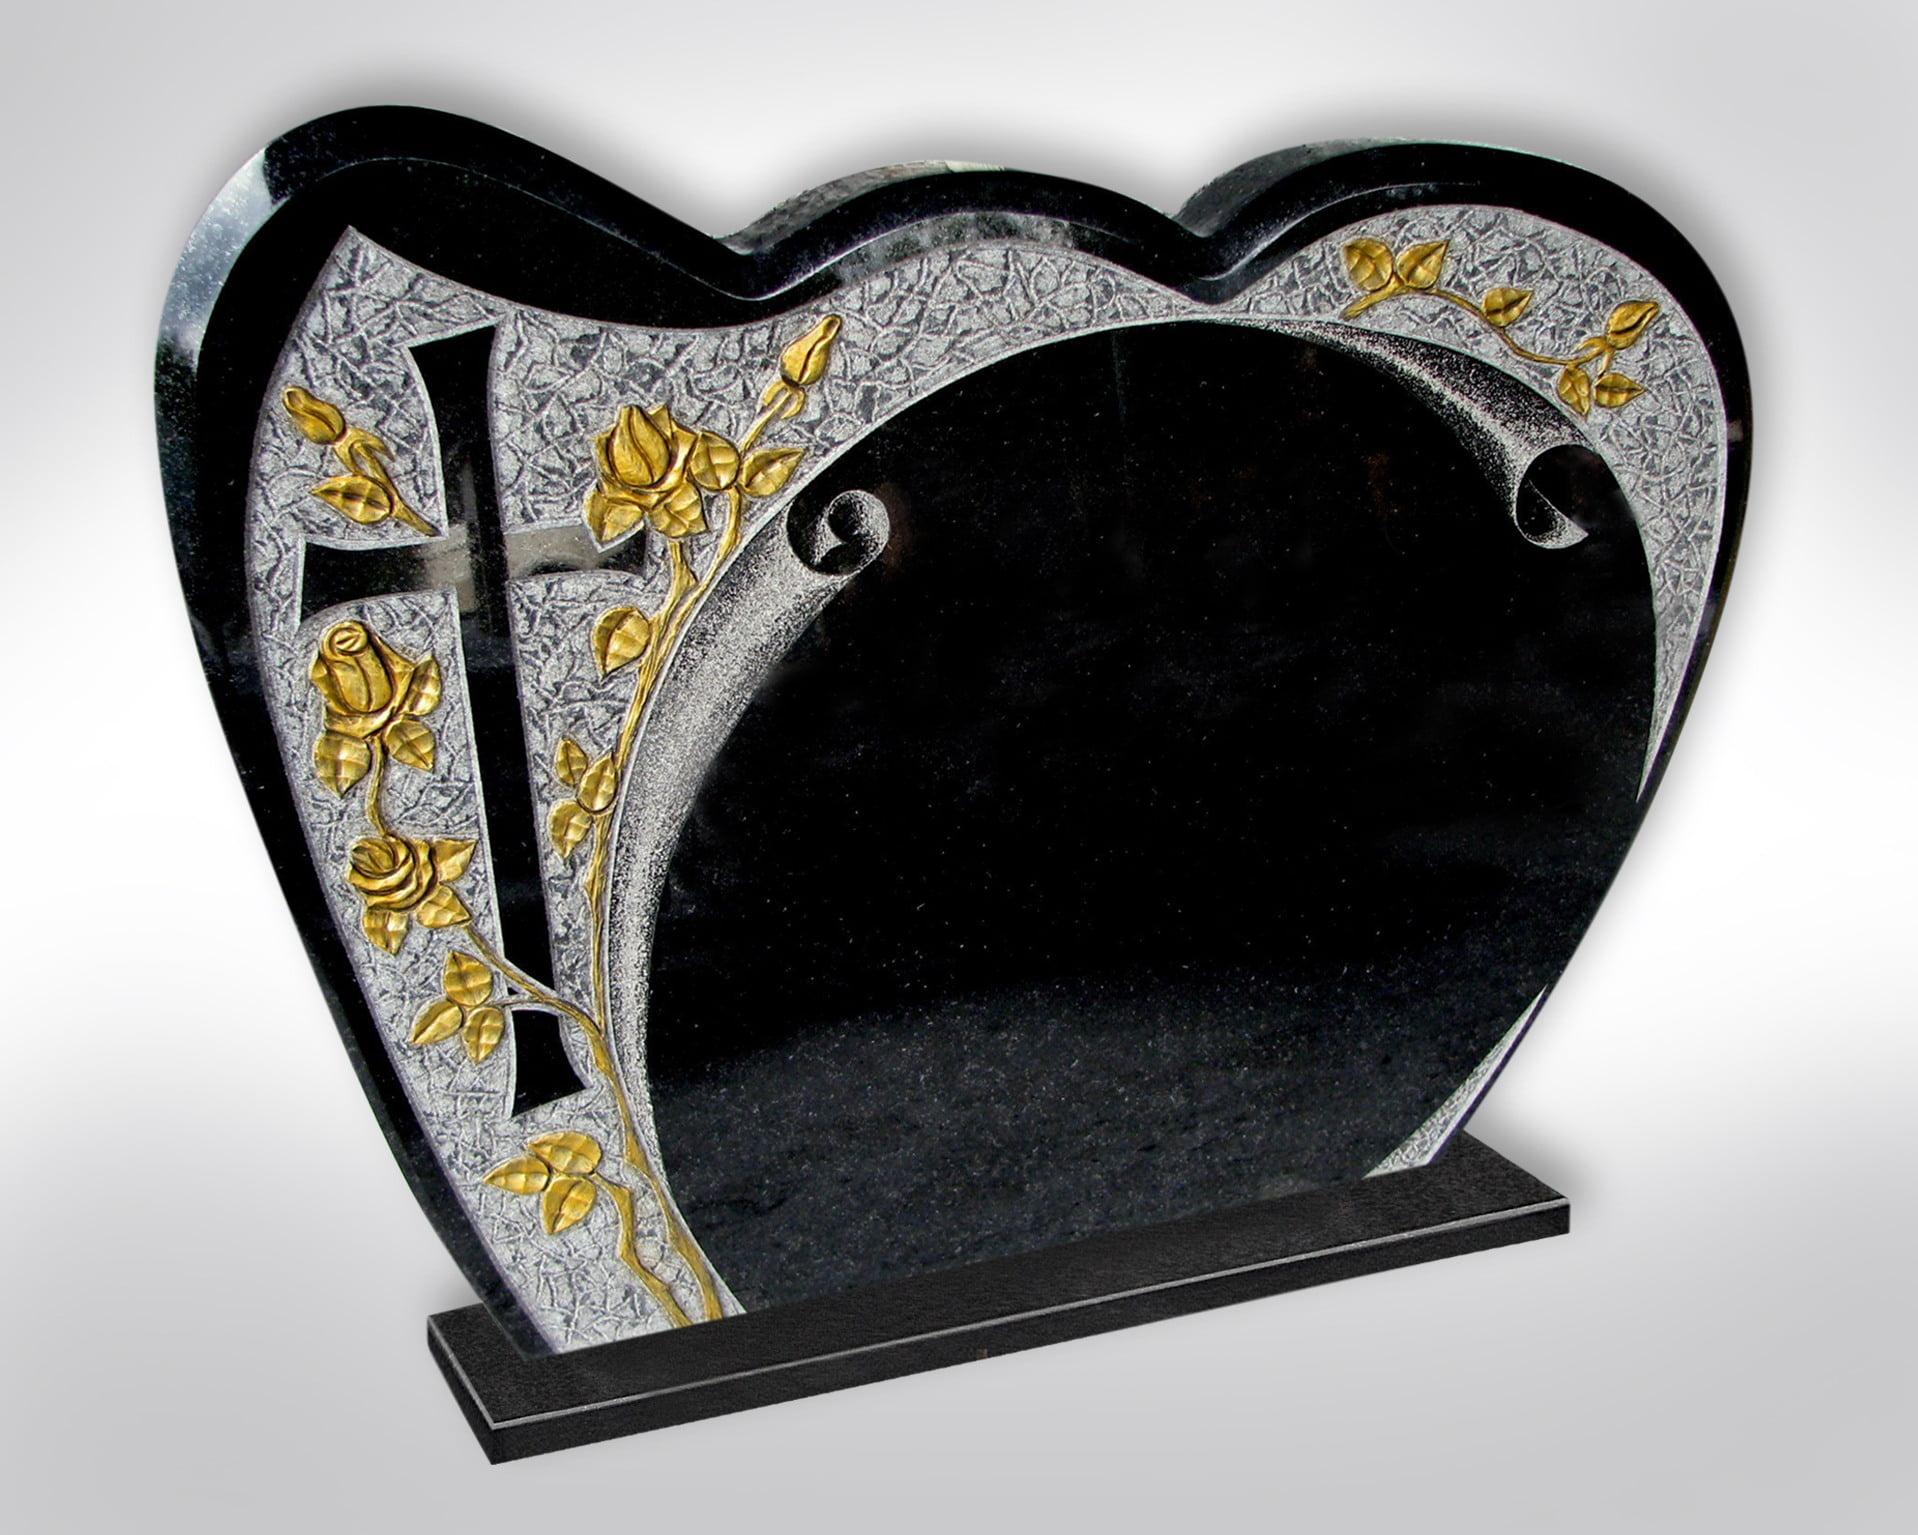 Płyta nagrobkowa w kształcie serca ze złotymi różami - Nagrobki Bielsko-Biała